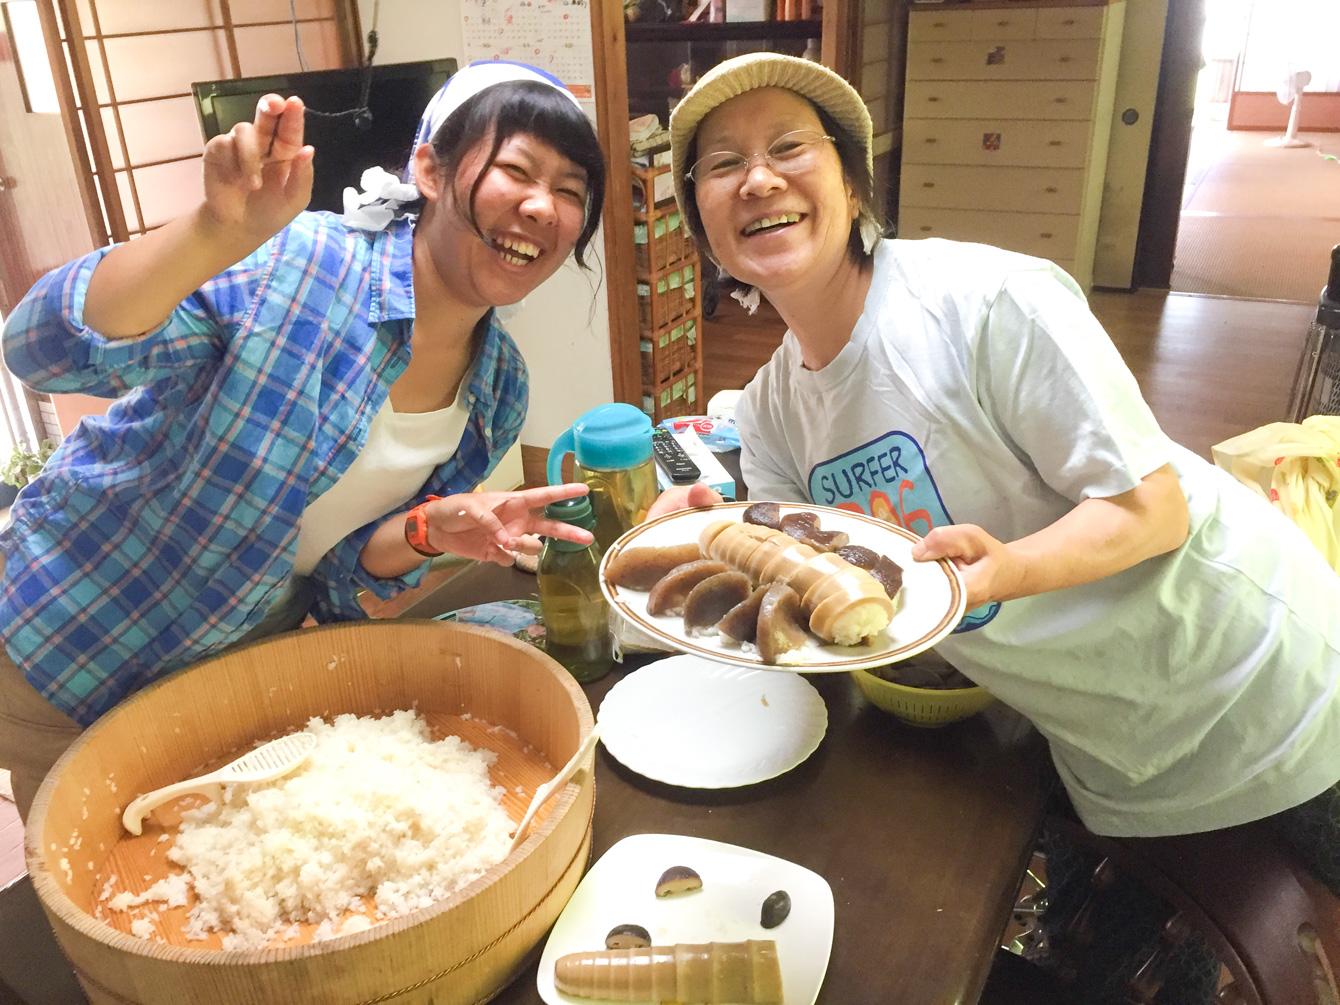 さやかちゃん(左)と千代子さん(右)。皿の手前からこんにゃく、たけのこ、しいたけのお寿司。